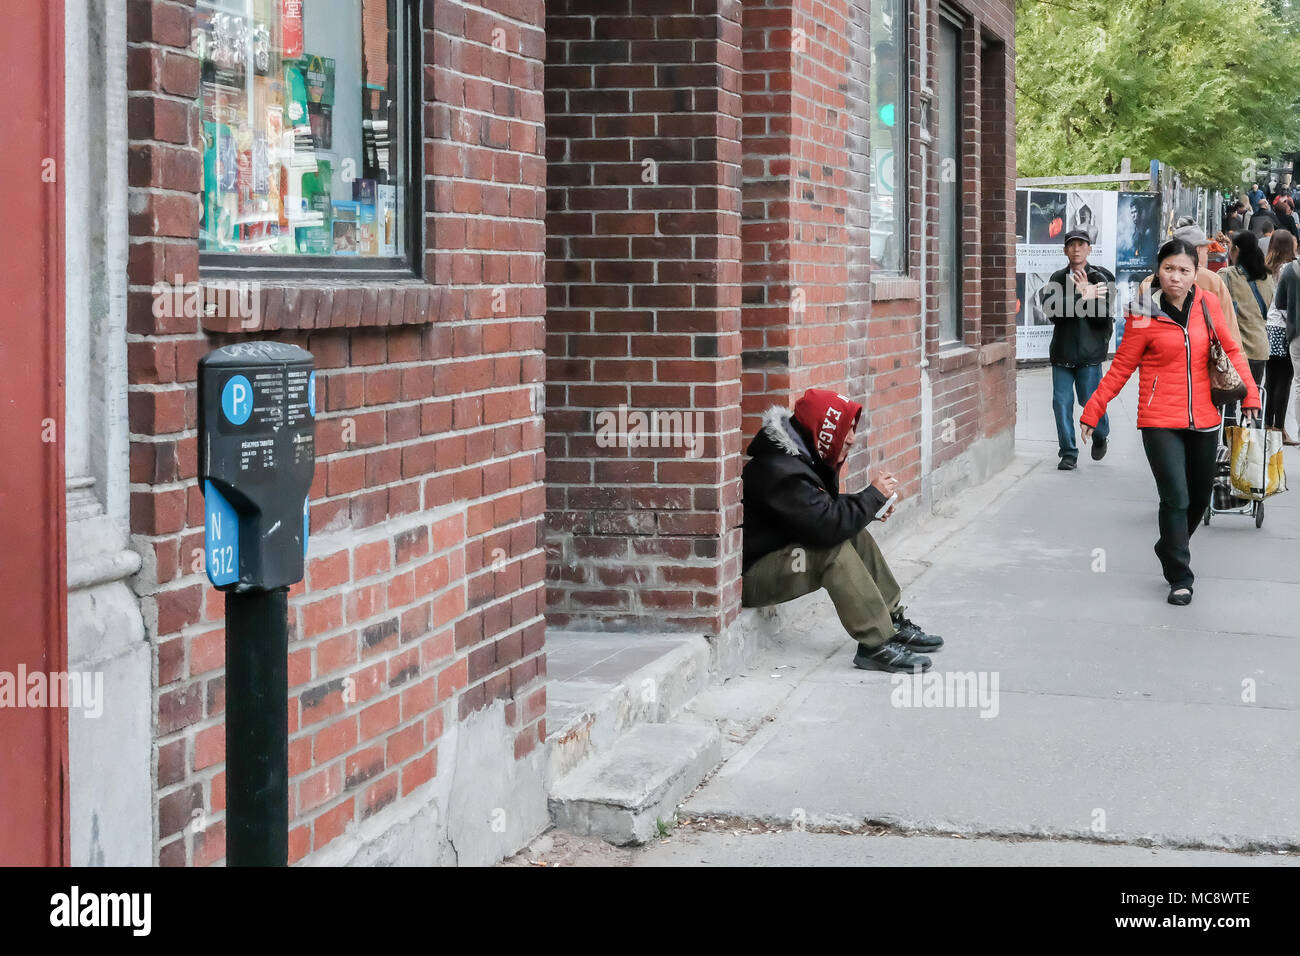 Obdachlose erwachsene Männchen gesehen, für Nächstenliebe, während innerhalb einer Tür in einer geschäftigen Nordamerika Straße sitzen, während Menschen, die auf dem Bürgersteig. Stockbild